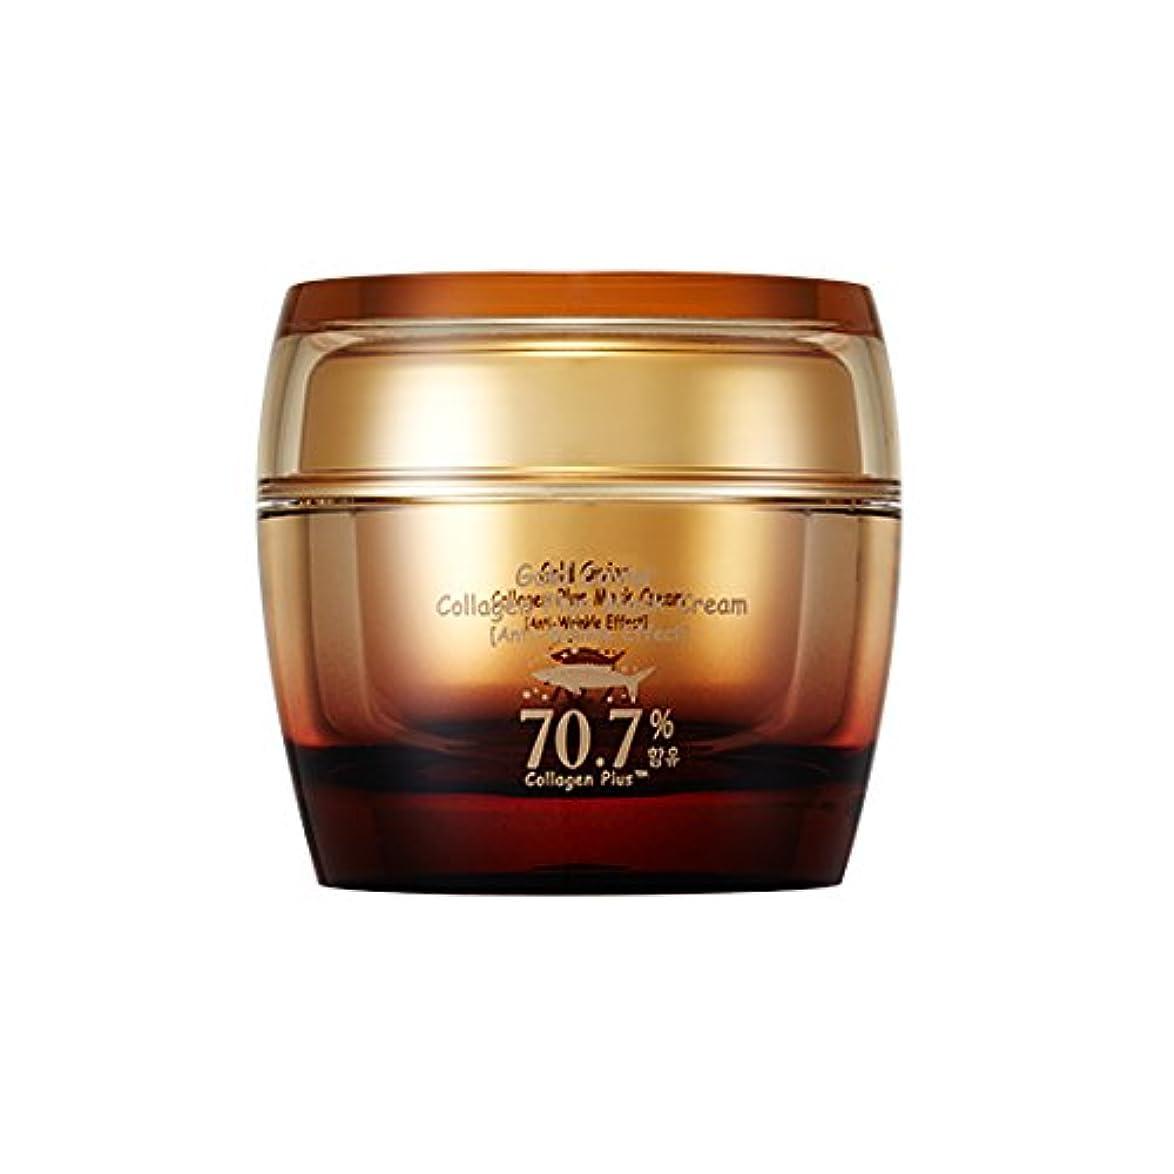 クルー叫び声キッチンSkinfood ゴールドキャビアコラーゲンプラスクリーム(しわ防止効果) / Gold Caviar Collagen Plus Cream (Anti-Wrinkle Effect) 50g [並行輸入品]